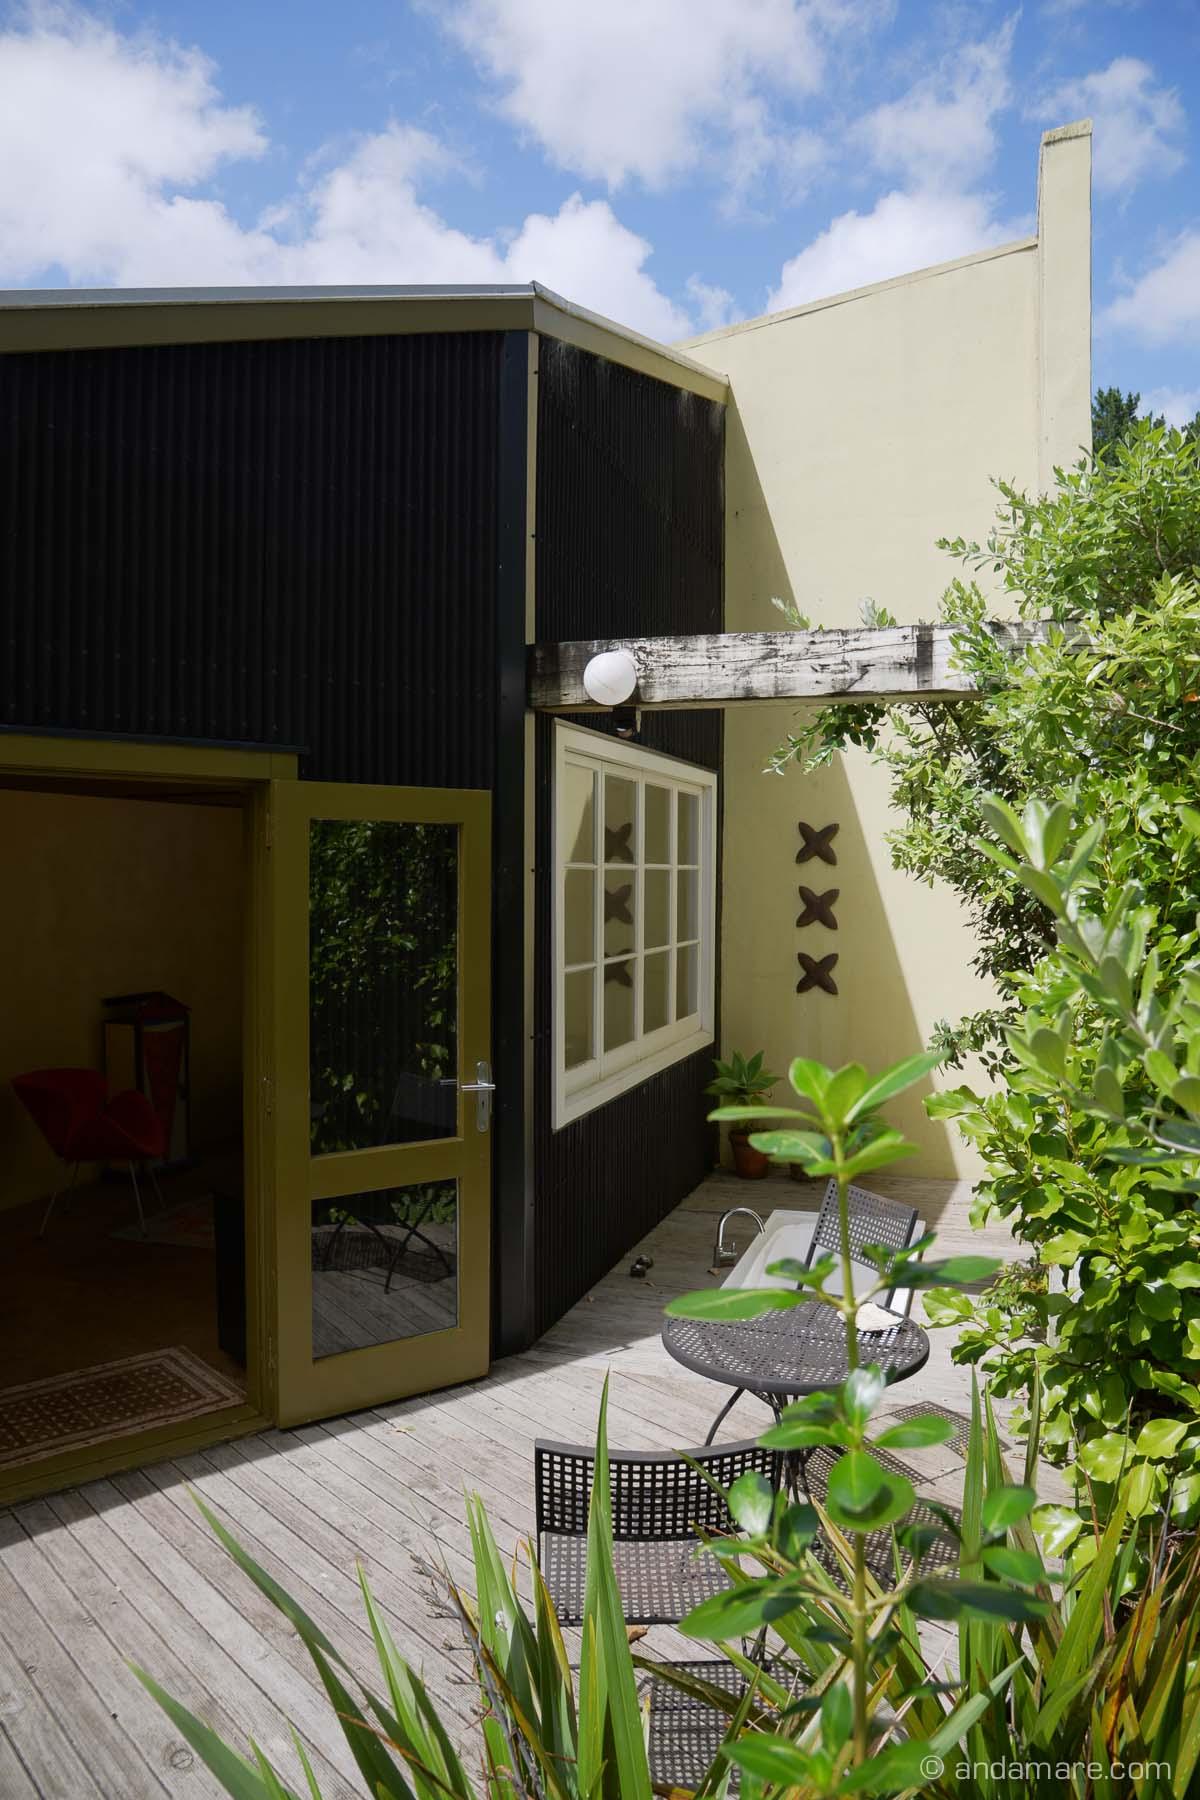 Coromandel_IndigoBushStudios-NZ_DSC_8991_01670_2013